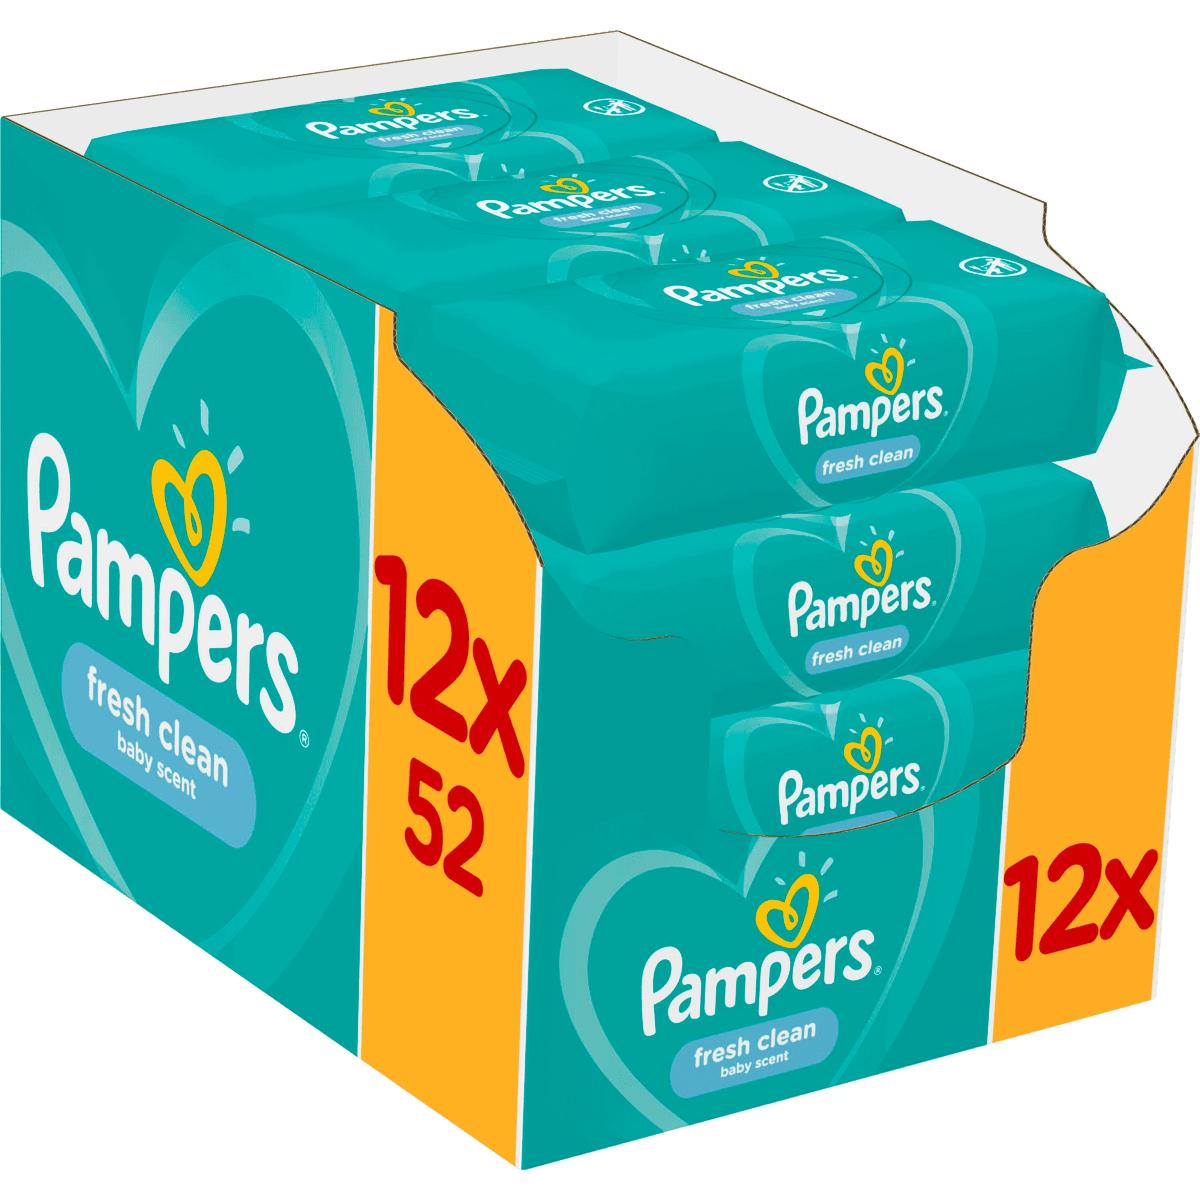 Pamper doekjes doos 12 stuks 1+1 gratis met gratis verzending en 2,50 kortingscode